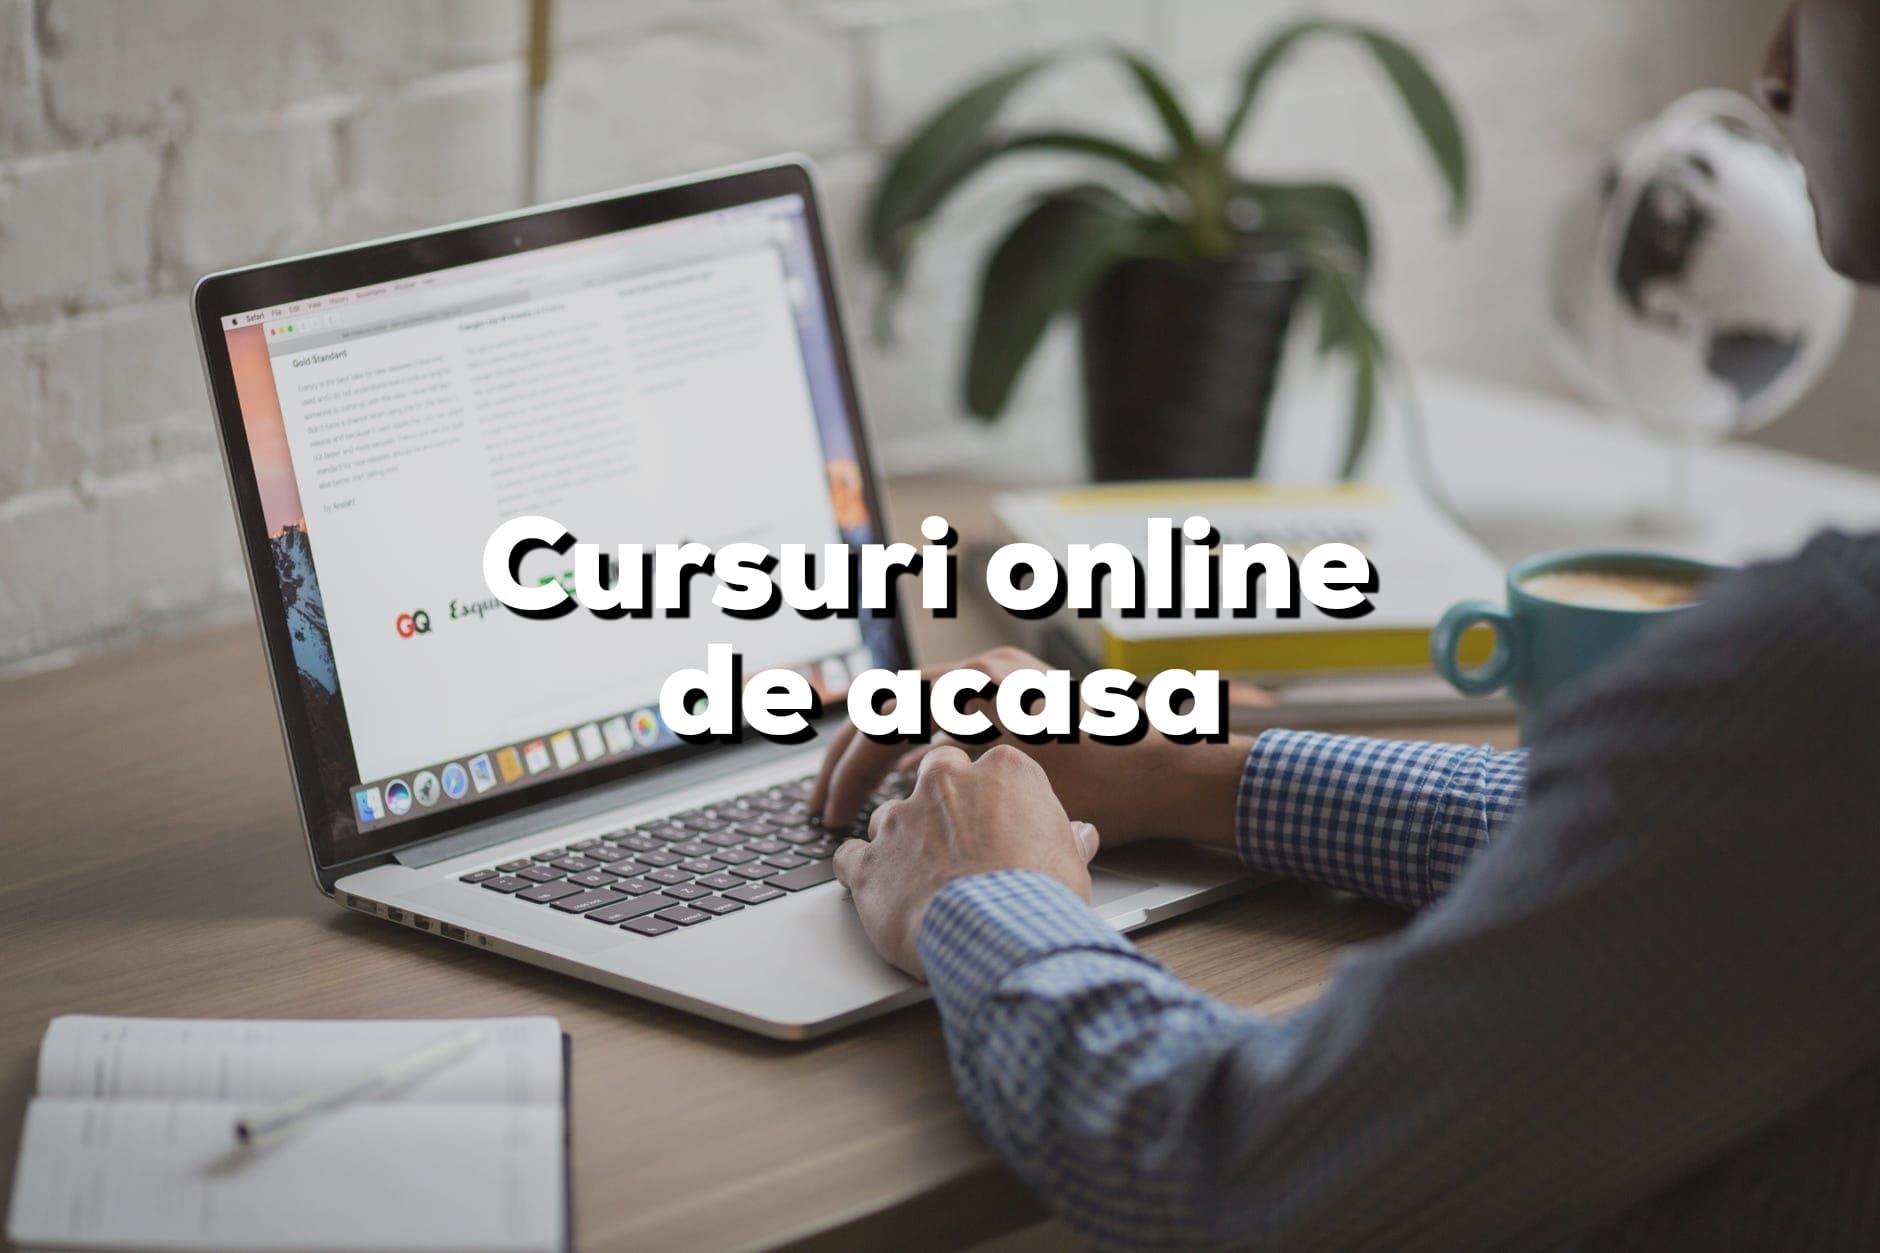 Cursuri online pe care să le faci de acasă